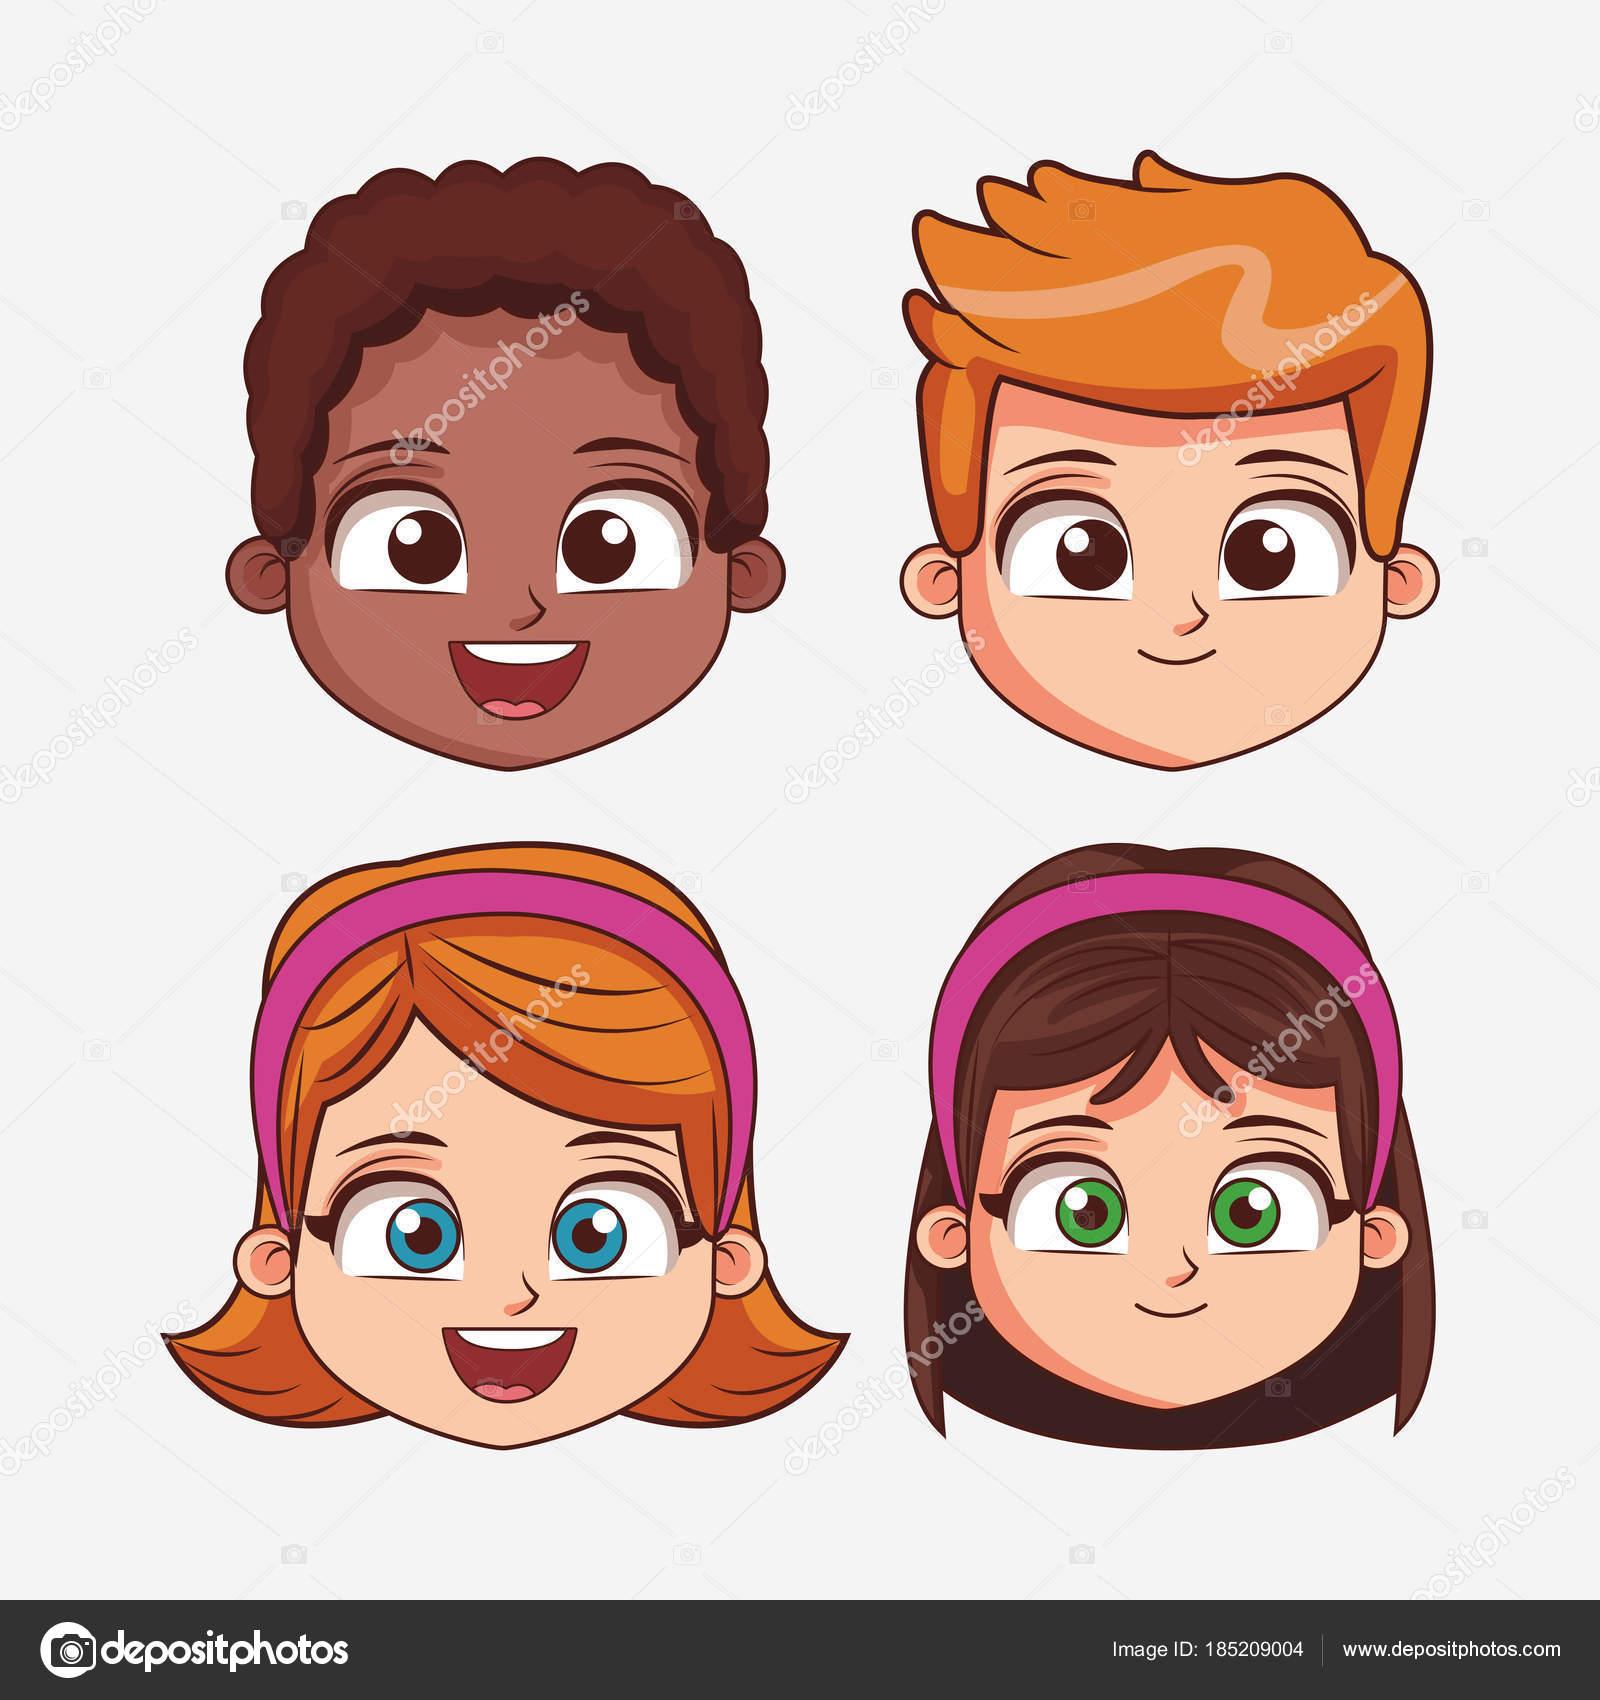 Cartone animato per bambini faccia — vettoriali stock